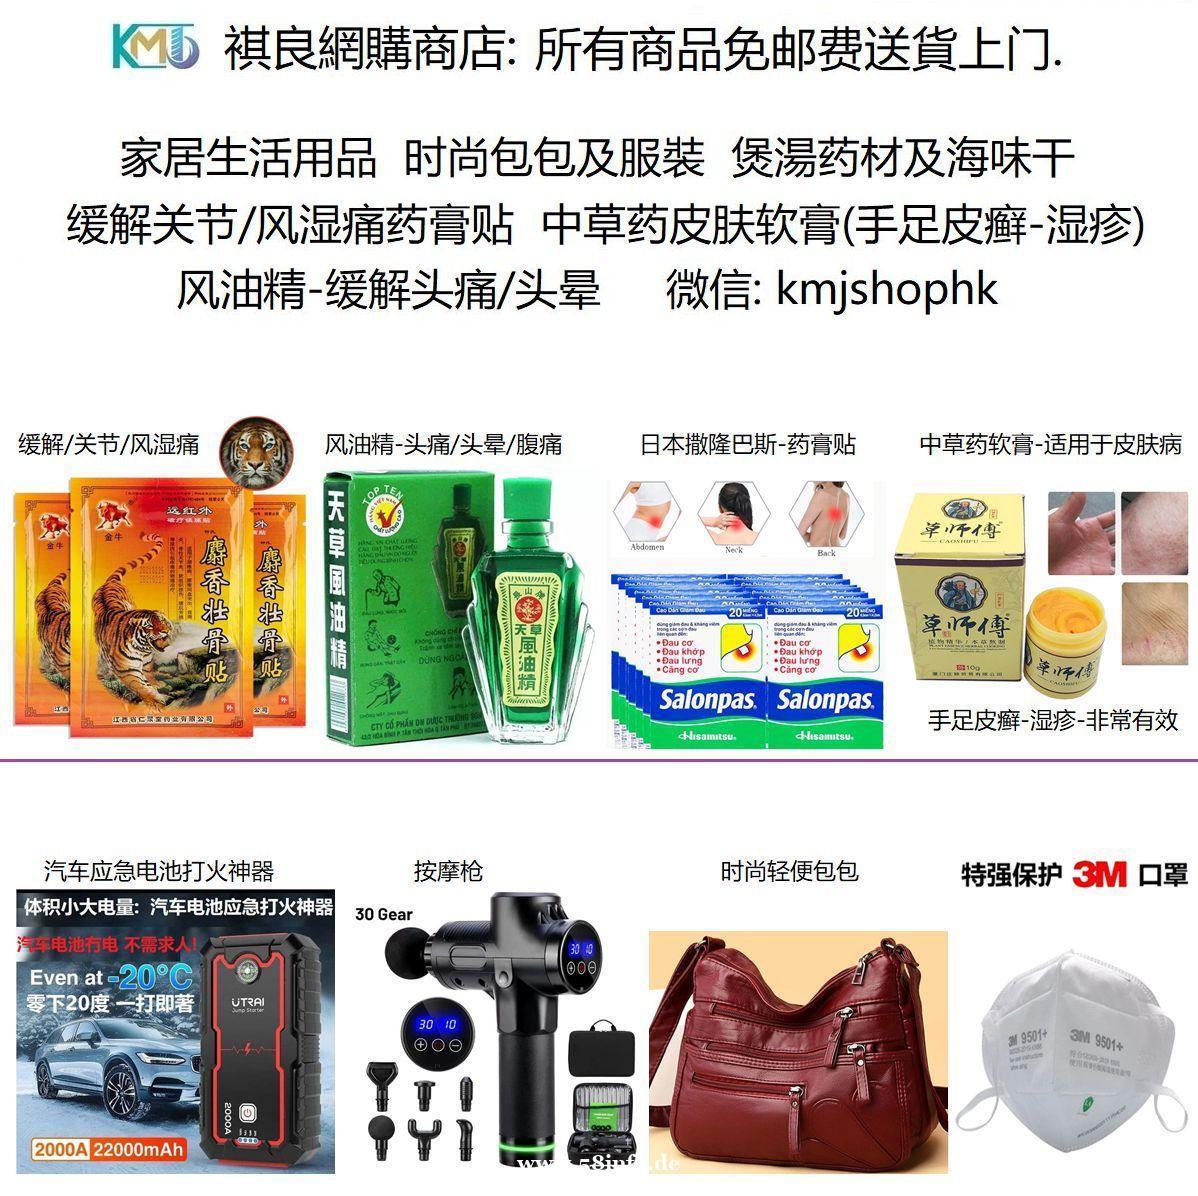 褀良網購商店: www.kmjshop.com